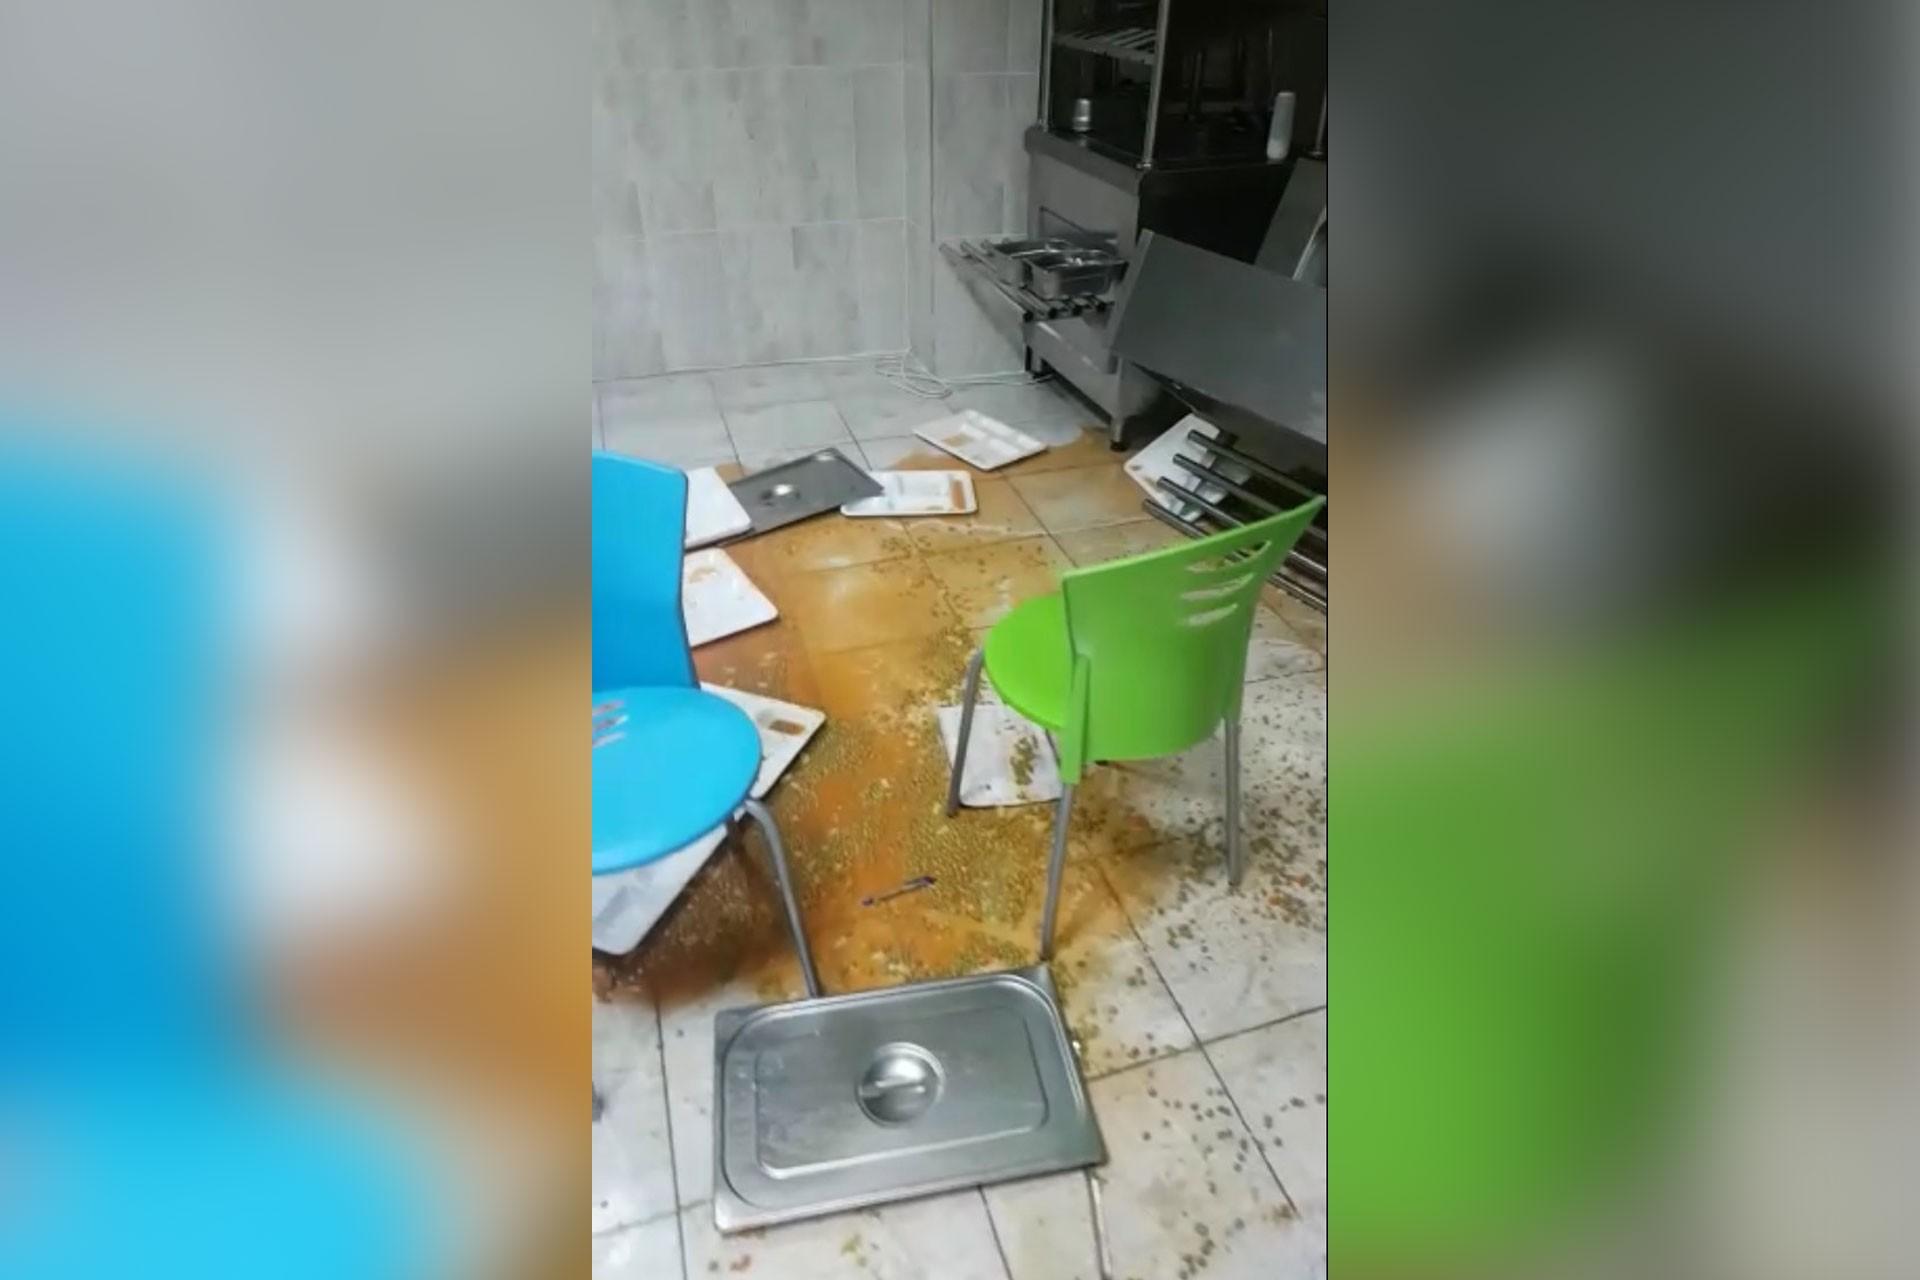 Eryaman'da ilkokul öğrencisi çorba kazanının devrilmesi sonucu ağır yaralandı